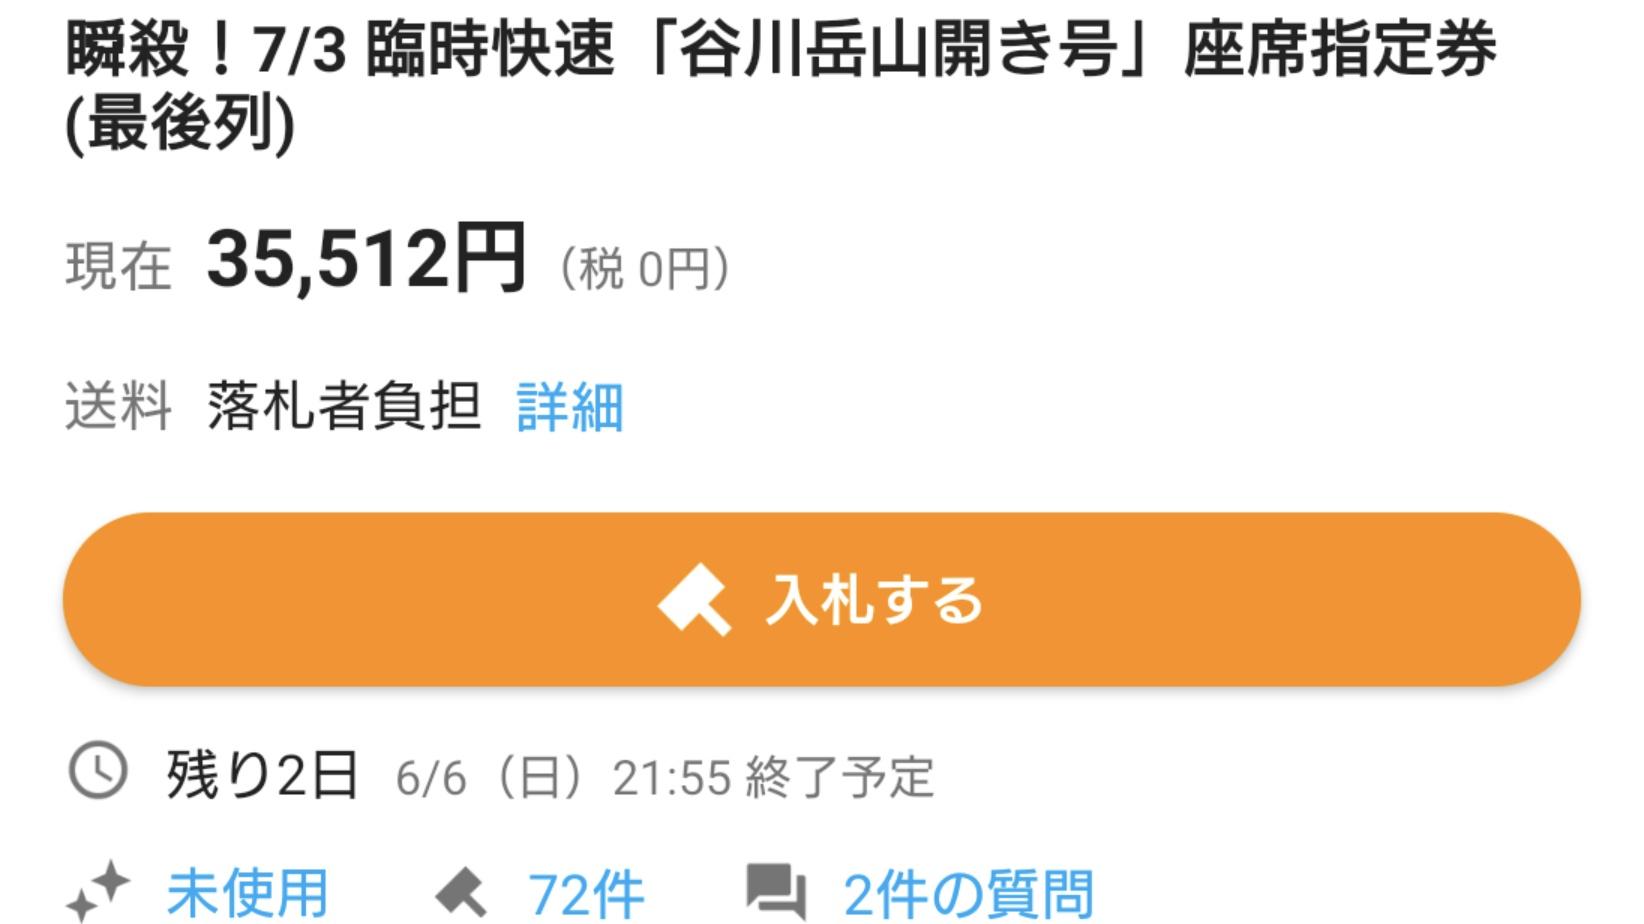 【悪質】185系夜行「谷川岳山開き号」の指定席券がヤフオクで転売される 4万円の入札も